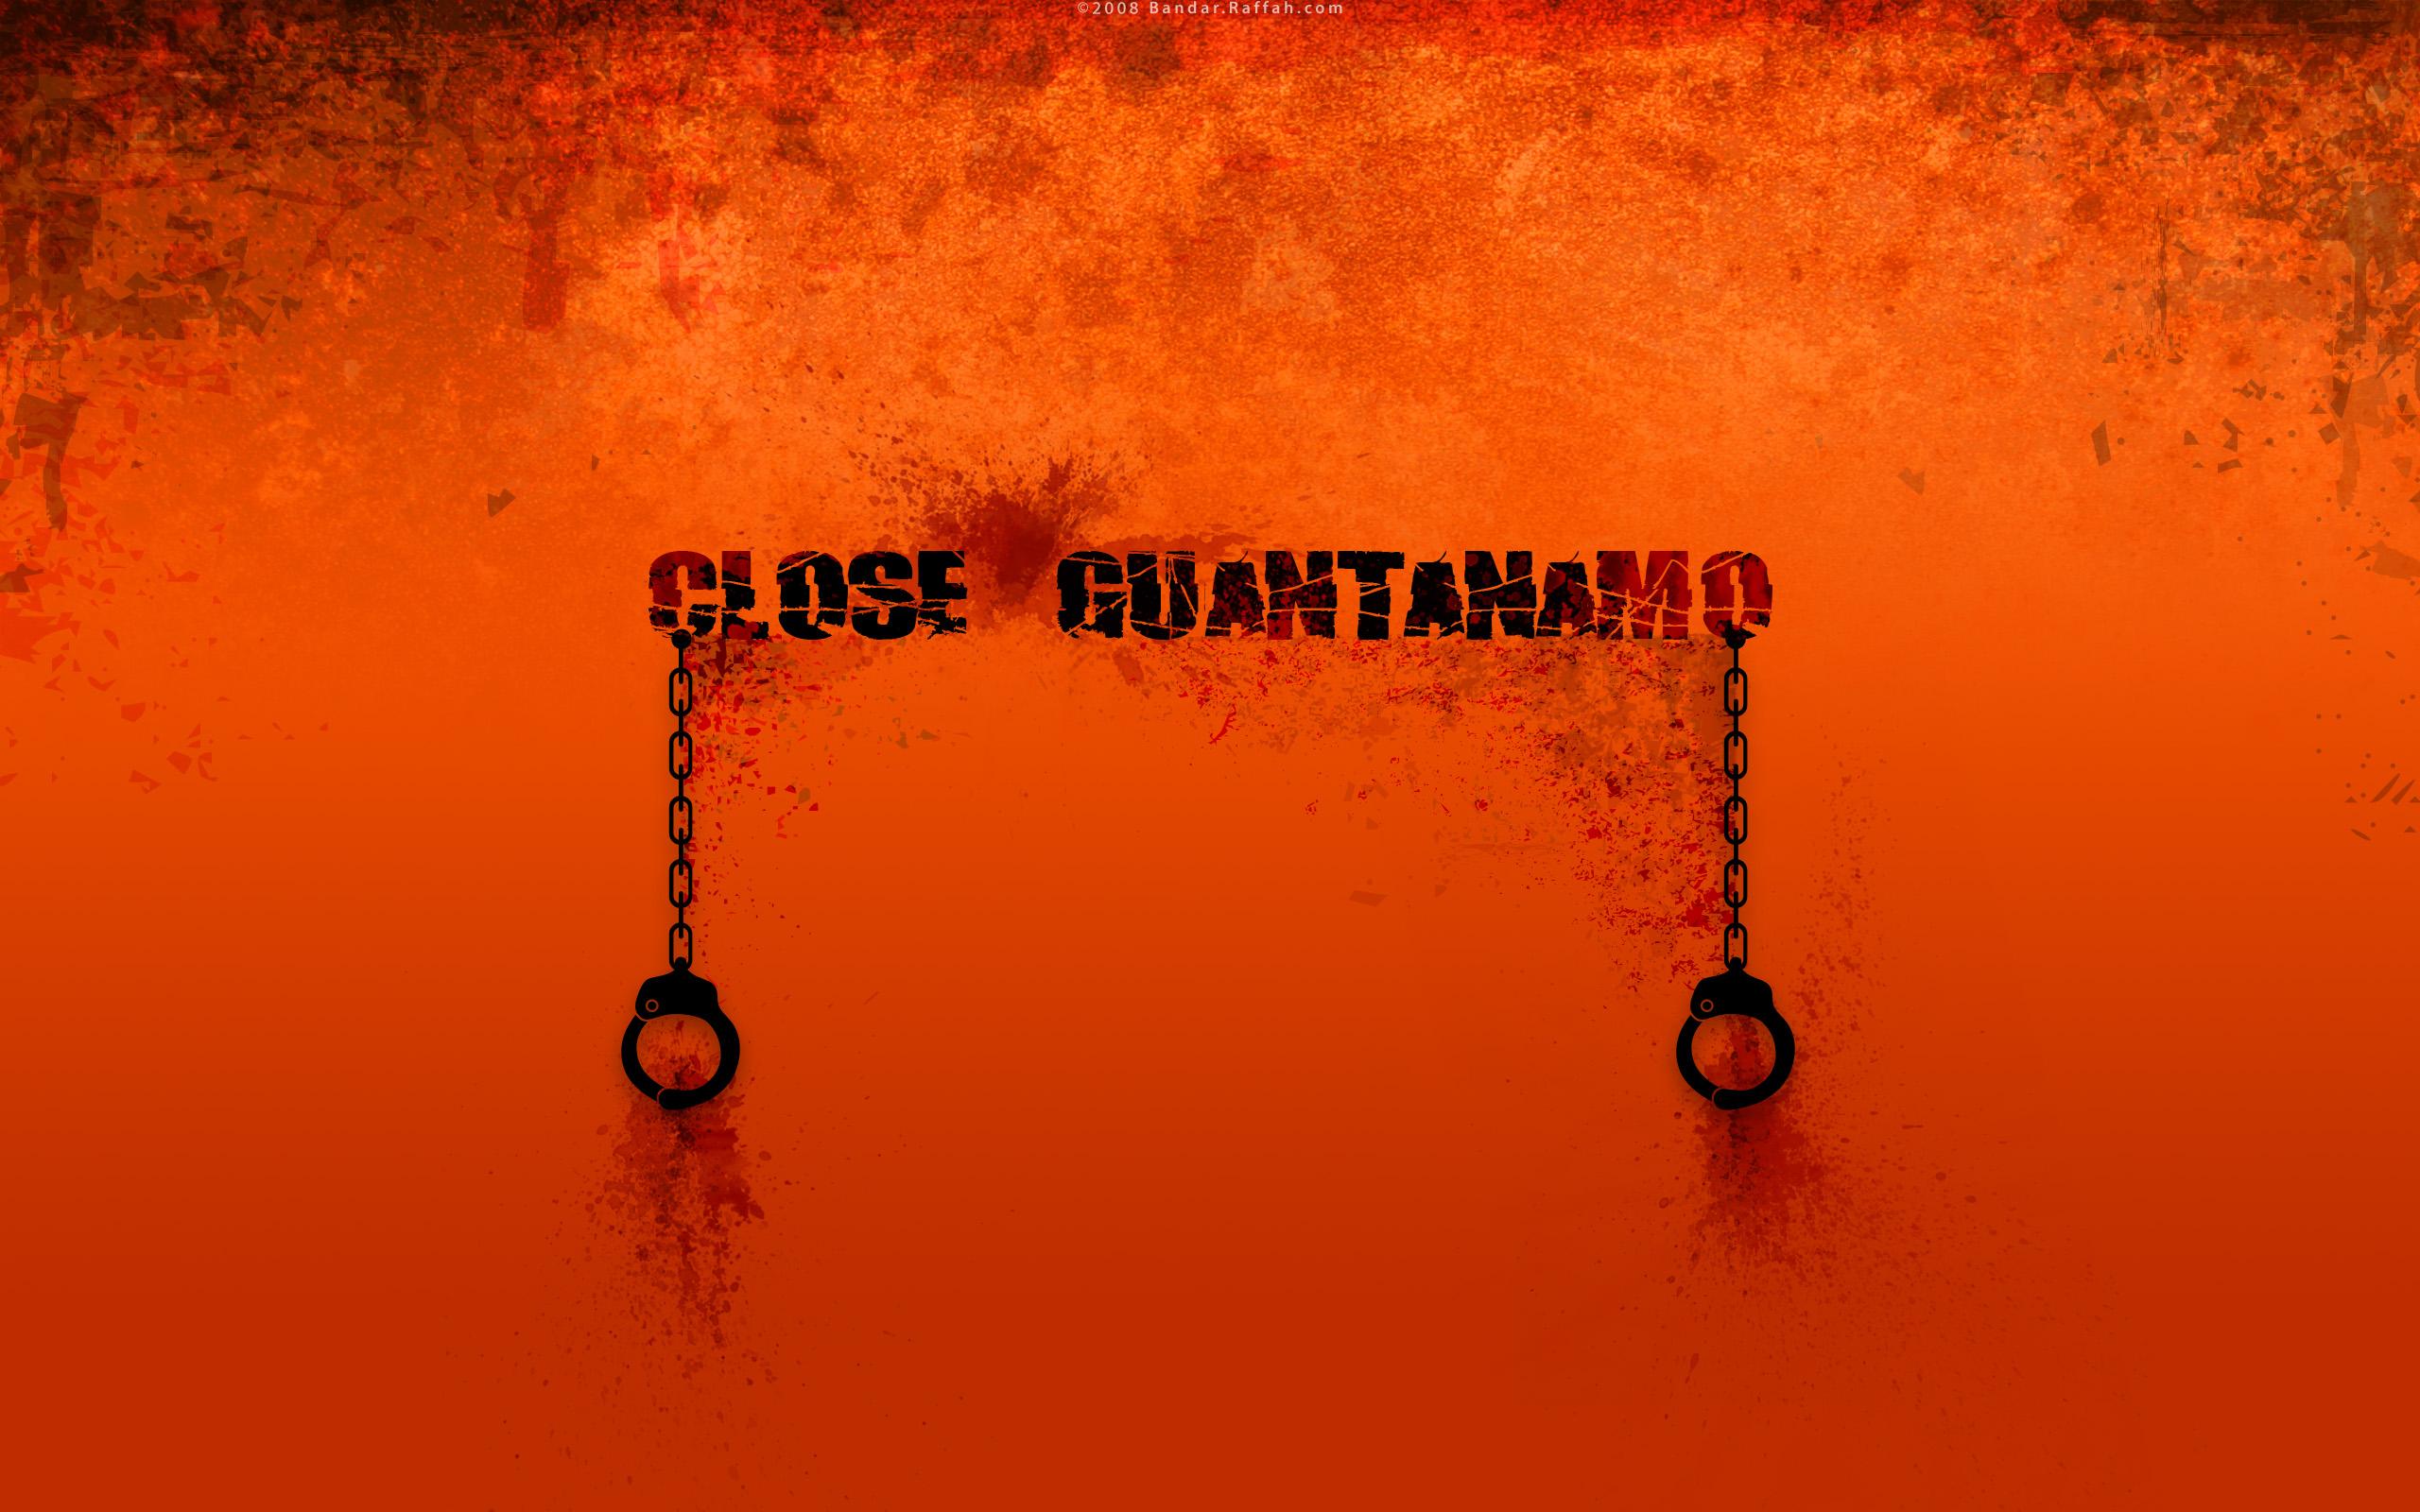 11 janvier 2019, dix-sept ans de non-droit à Guantanamo